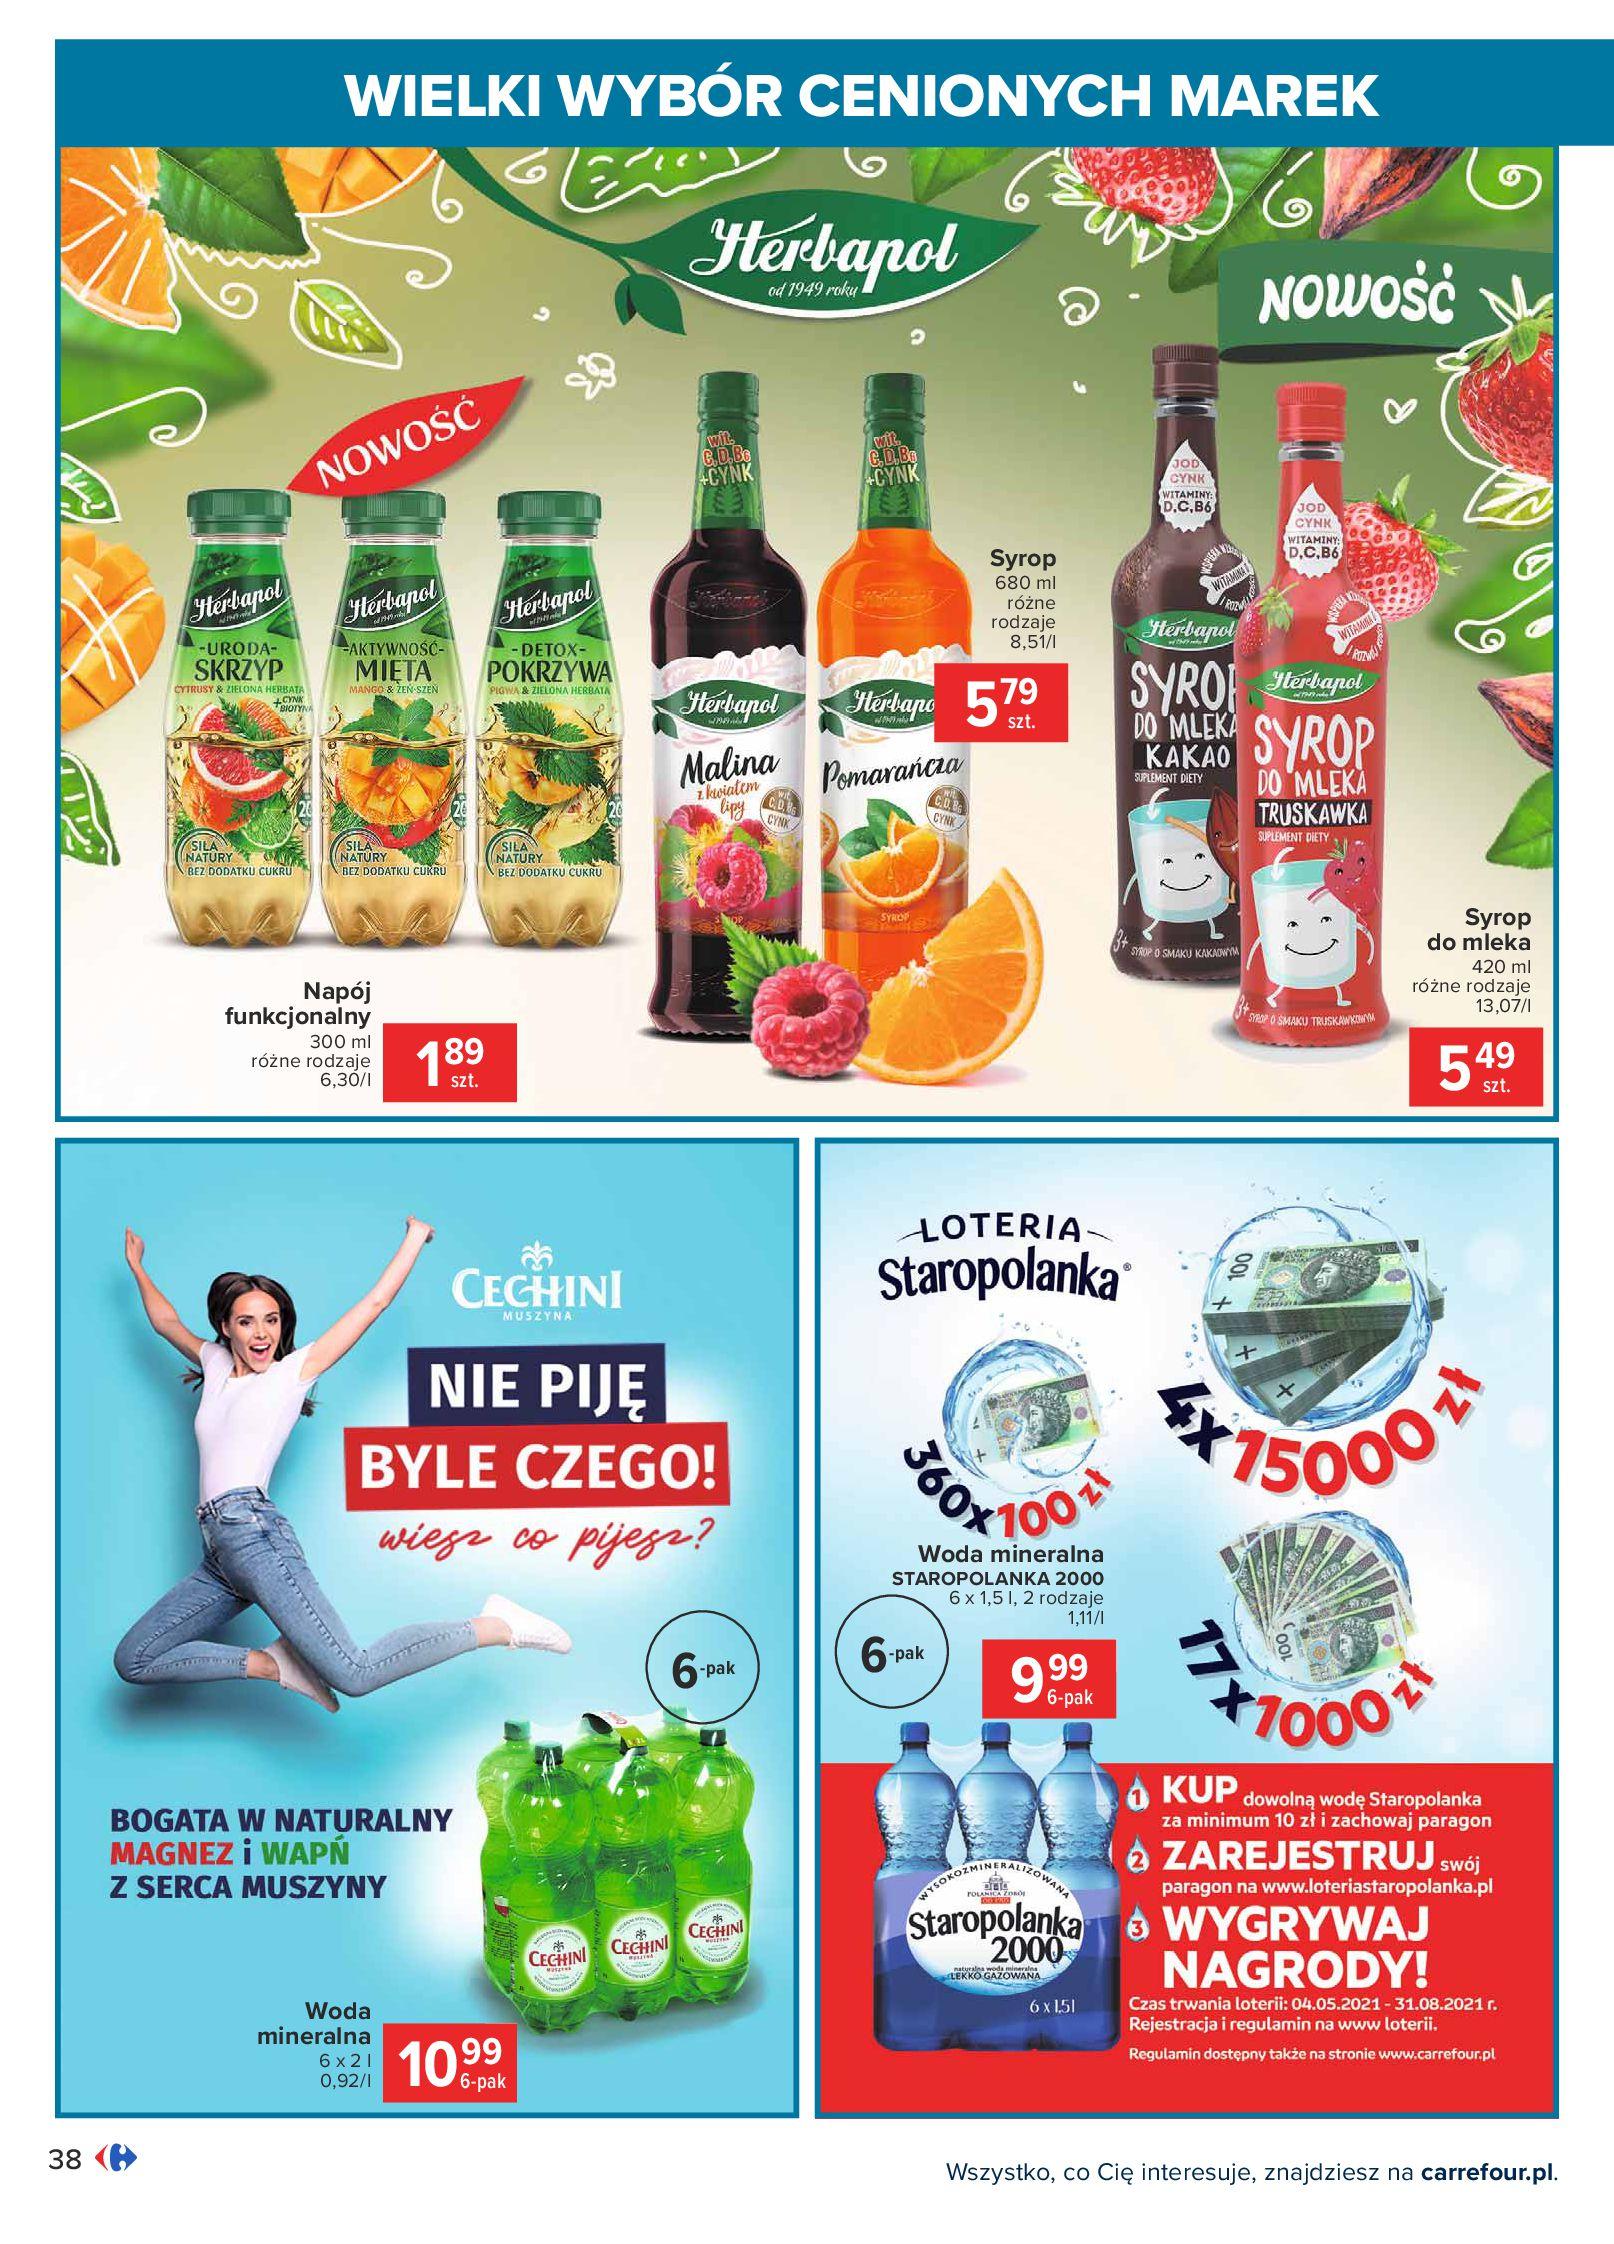 Gazetka Carrefour: Wielki wybór cenionych marek 2021-05-04 page-38